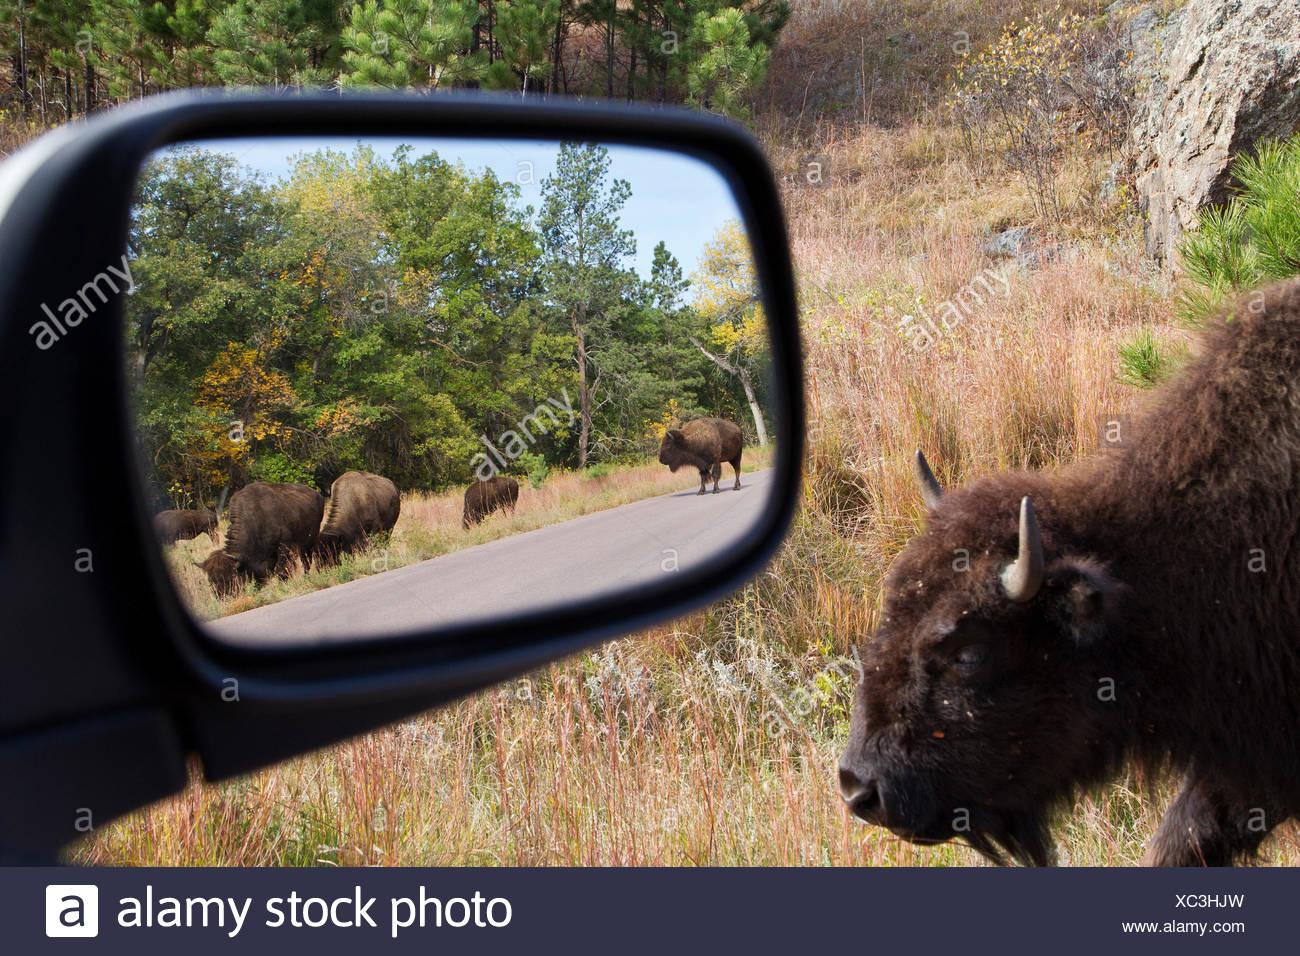 Pianure (Bison bison bison bison) in specchietto retrovisore, Custer State Park, Sud Dakota. Immagini Stock